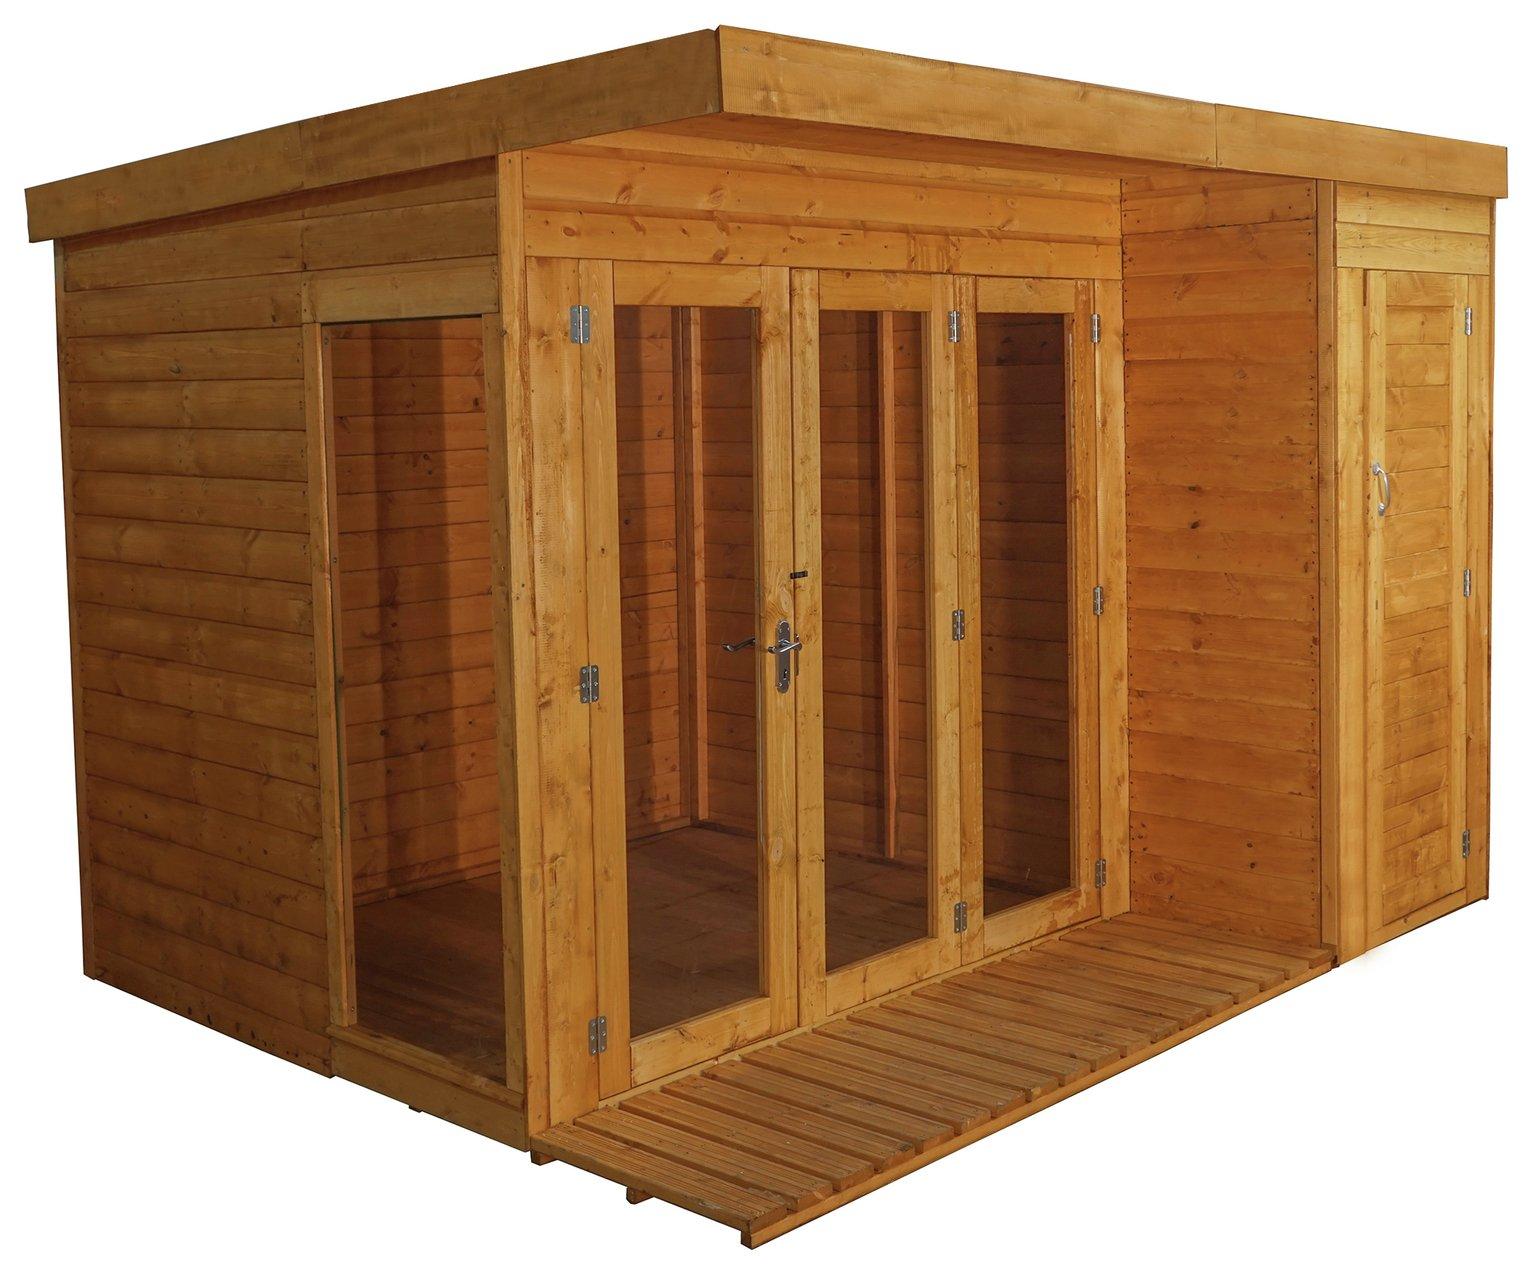 Image of Mercia 10ft x 8ft Garden Room.